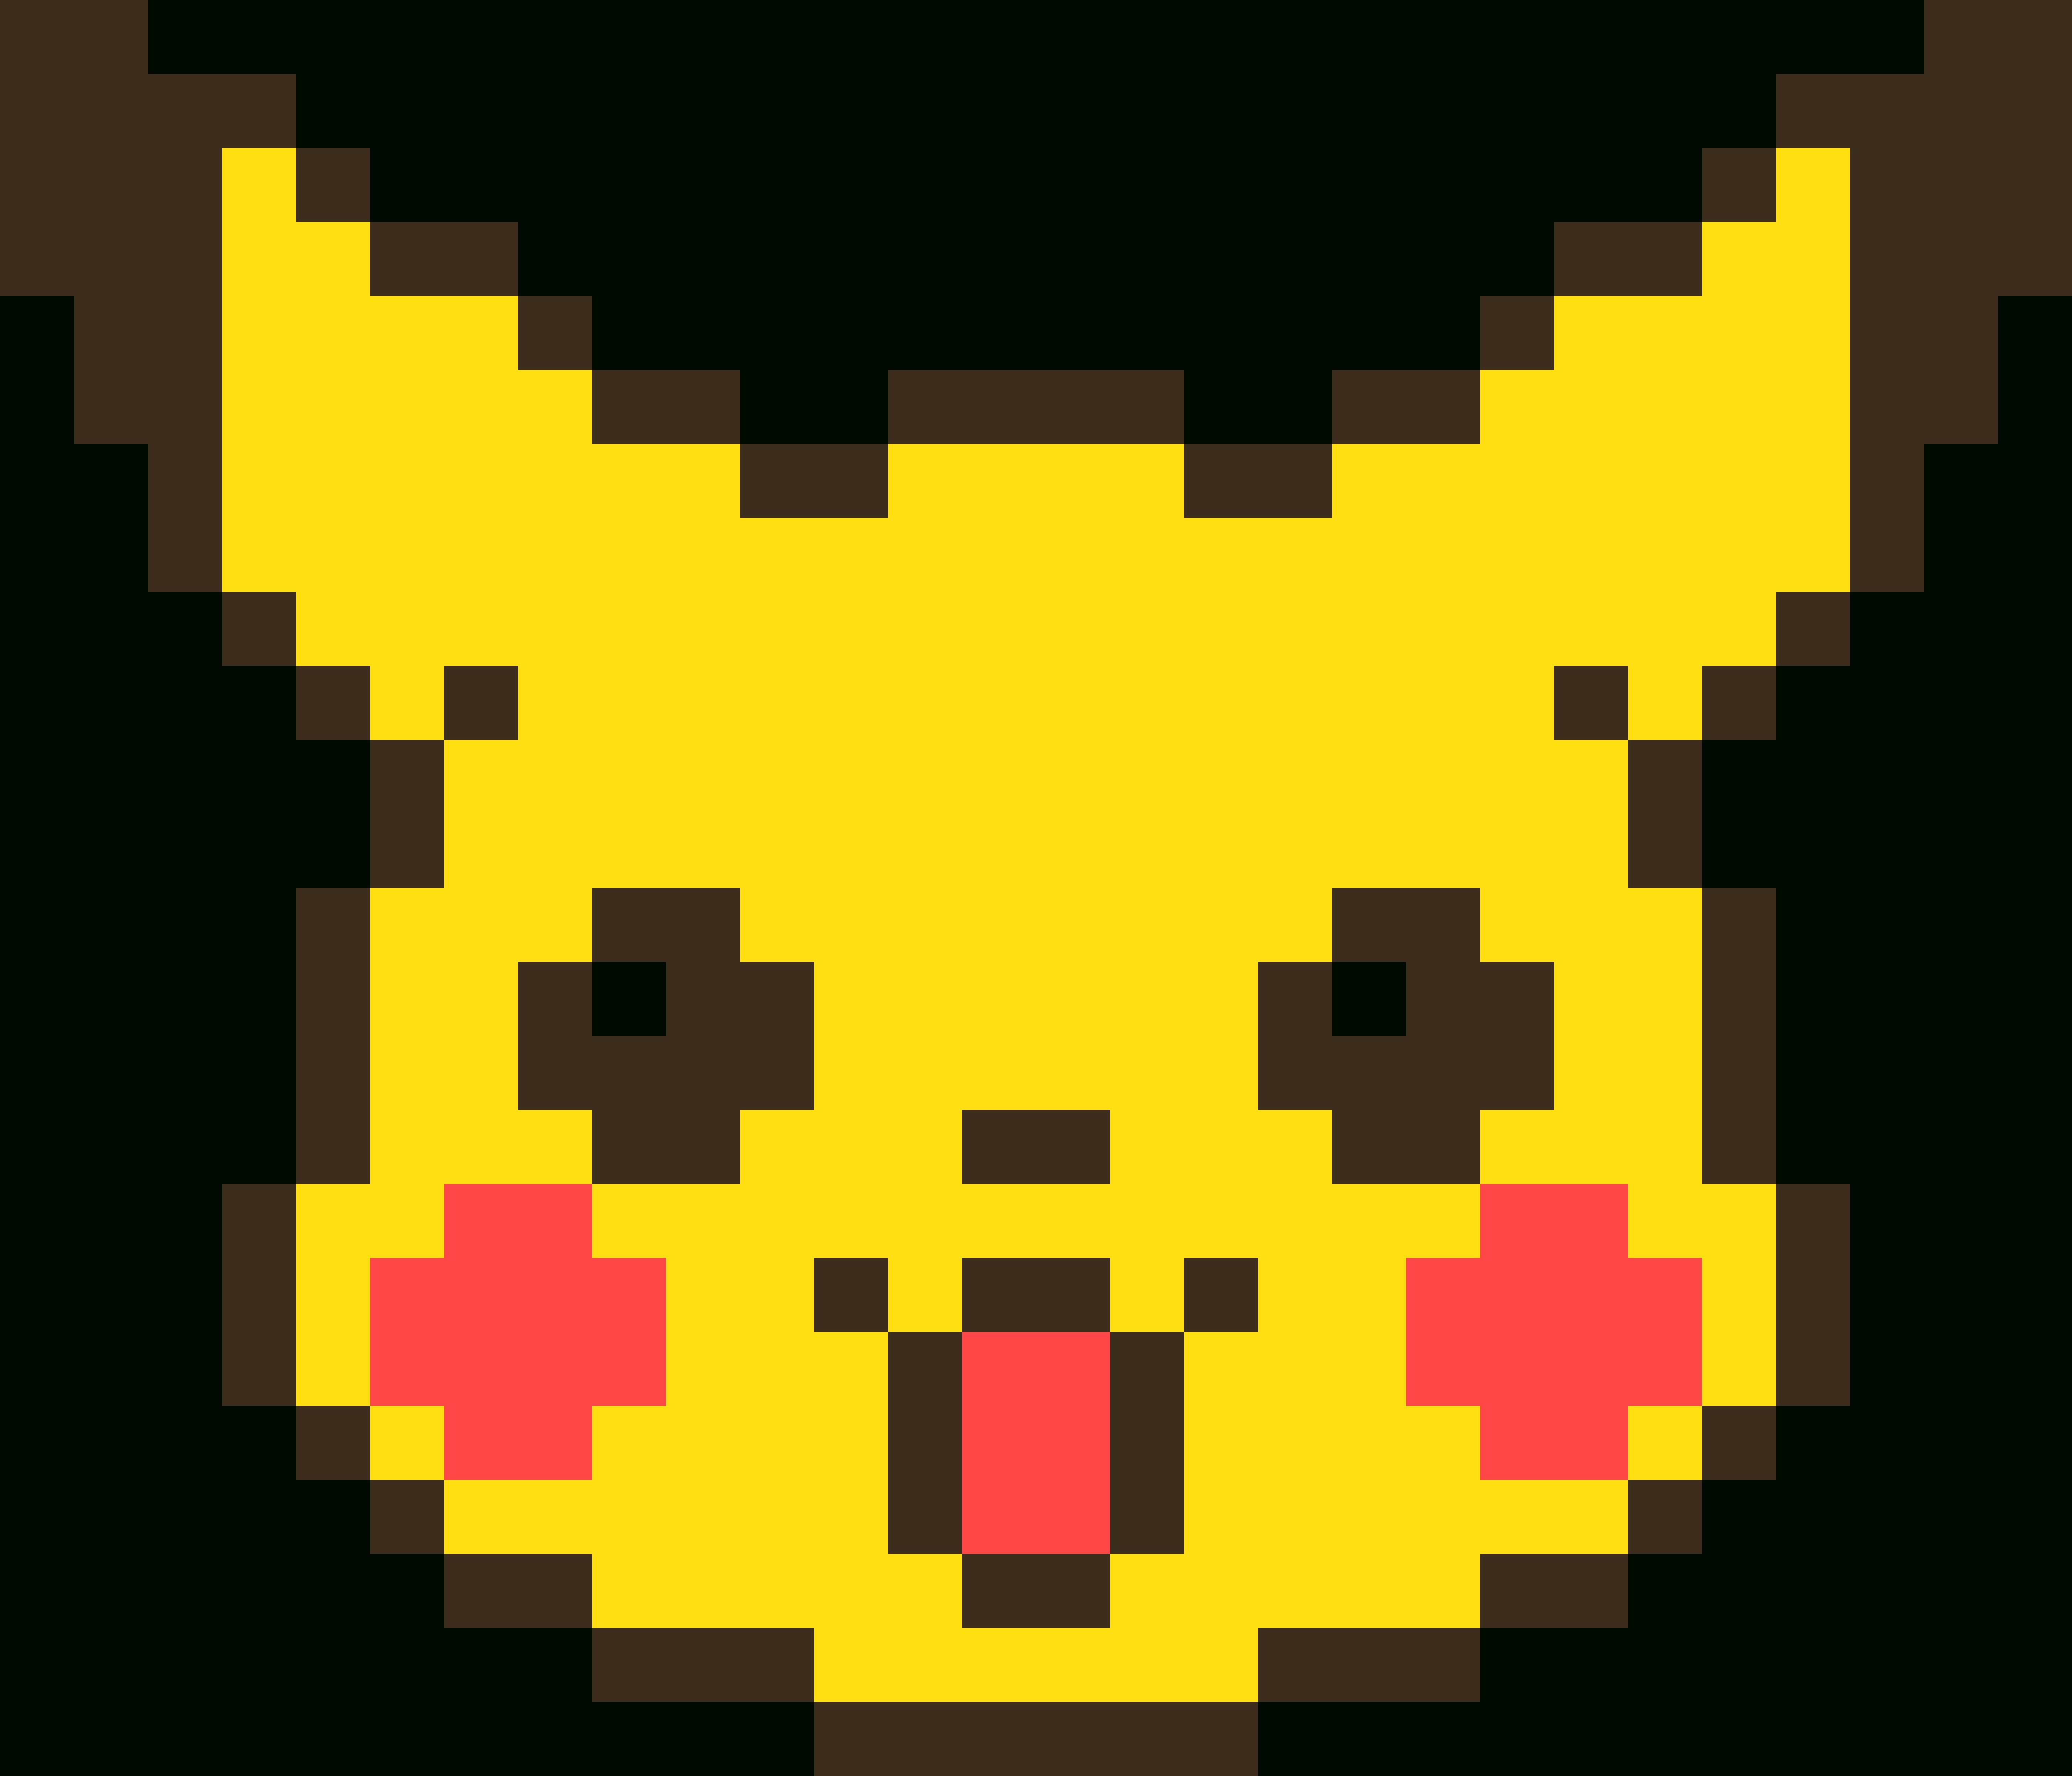 Unique Pikachu - Cara De Pikachu En Minecraft Clipart - Full Size